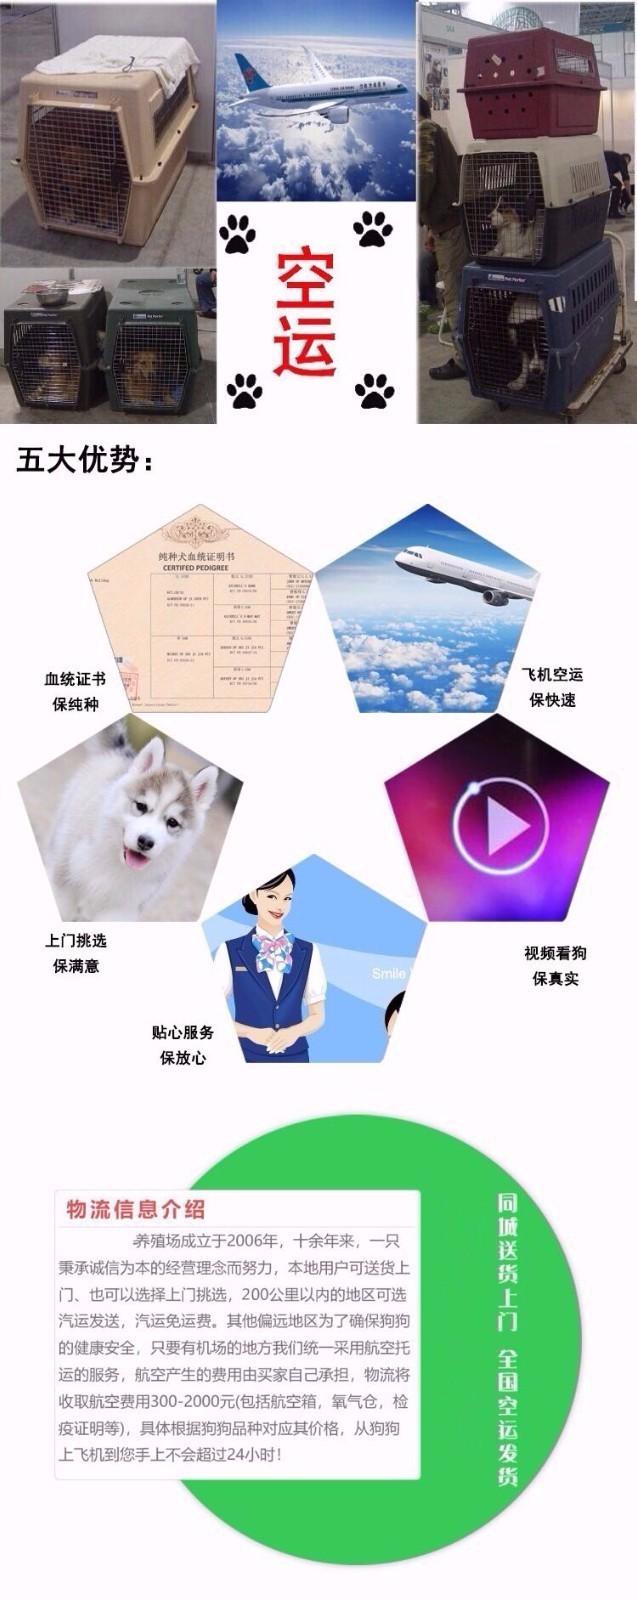 南京什么地方有卖罗威纳南京罗威纳幼犬怎么卖17